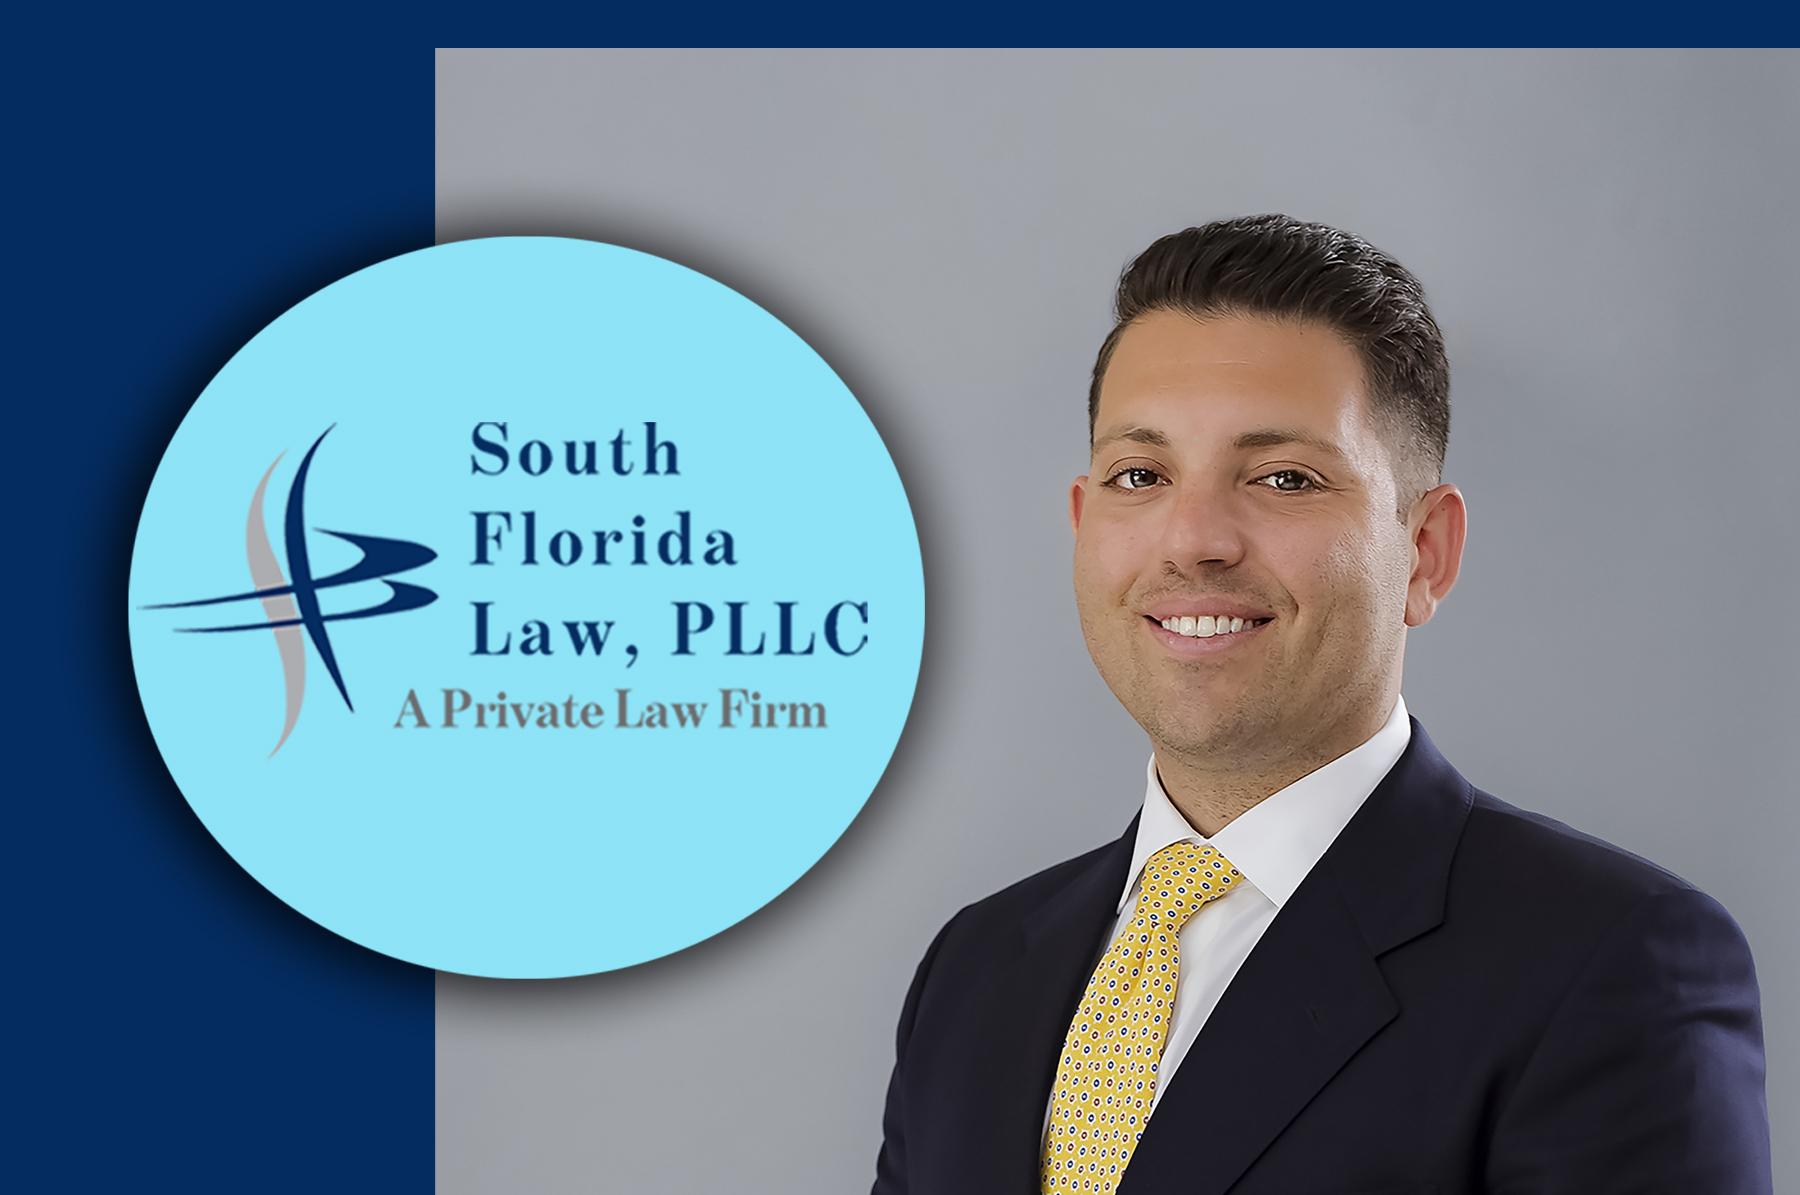 NIMA AJABSHIR SOUTH FLORIDA LAW